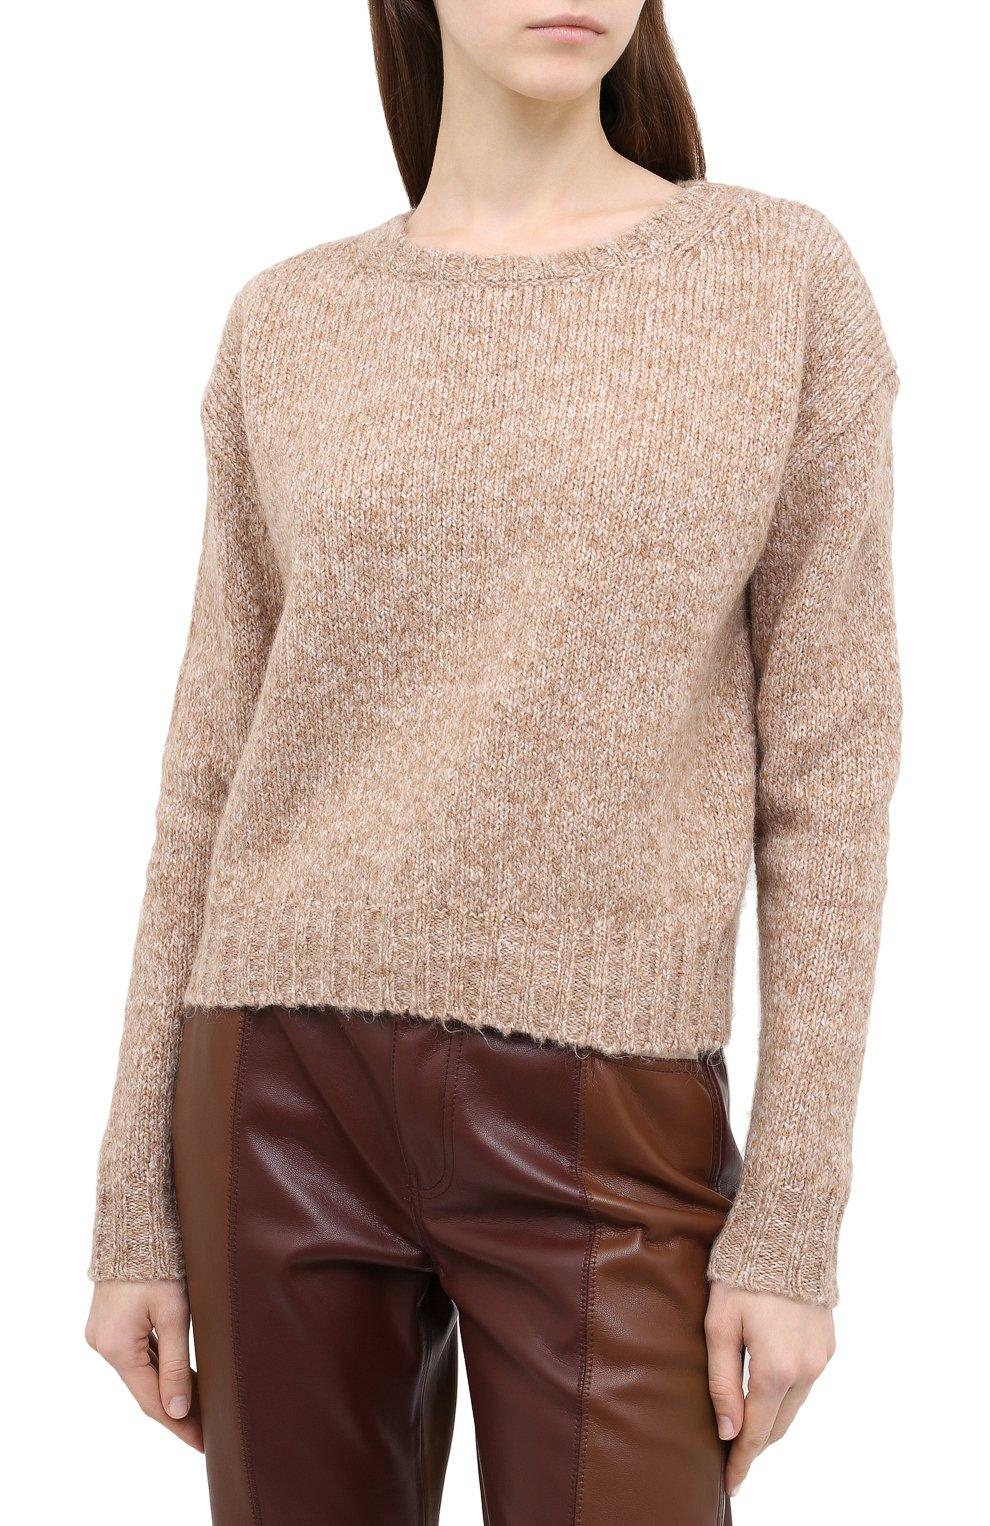 Женский свитер ALLUDE коричневого цвета, арт. 205/62003 | Фото 3 (Женское Кросс-КТ: Свитер-одежда; Рукава: Длинные; Материал внешний: Синтетический материал; Длина (для топов): Стандартные)